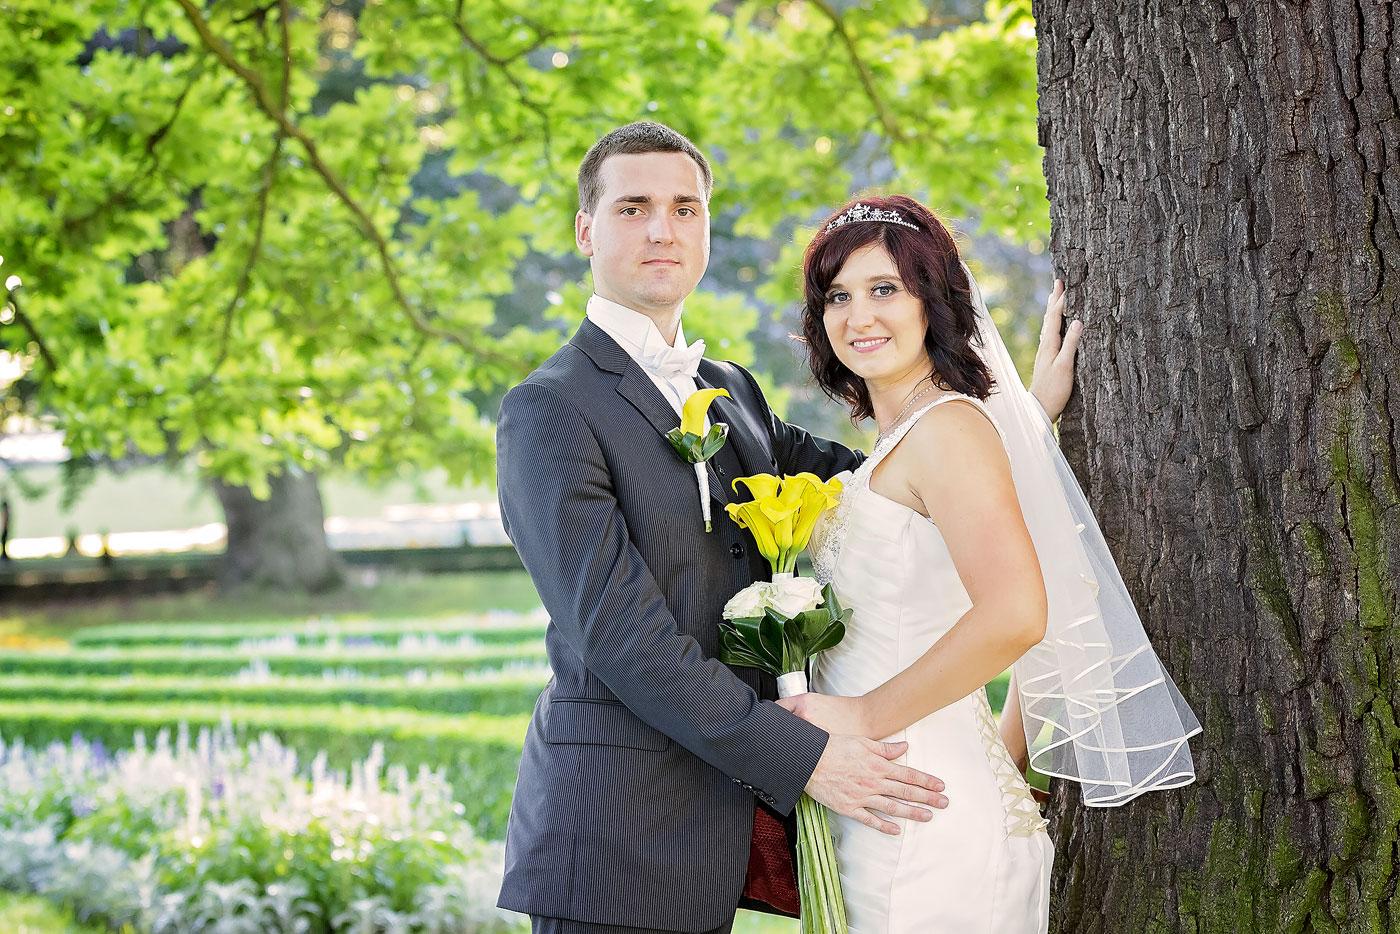 Svatební portrét ženich a nevěsta